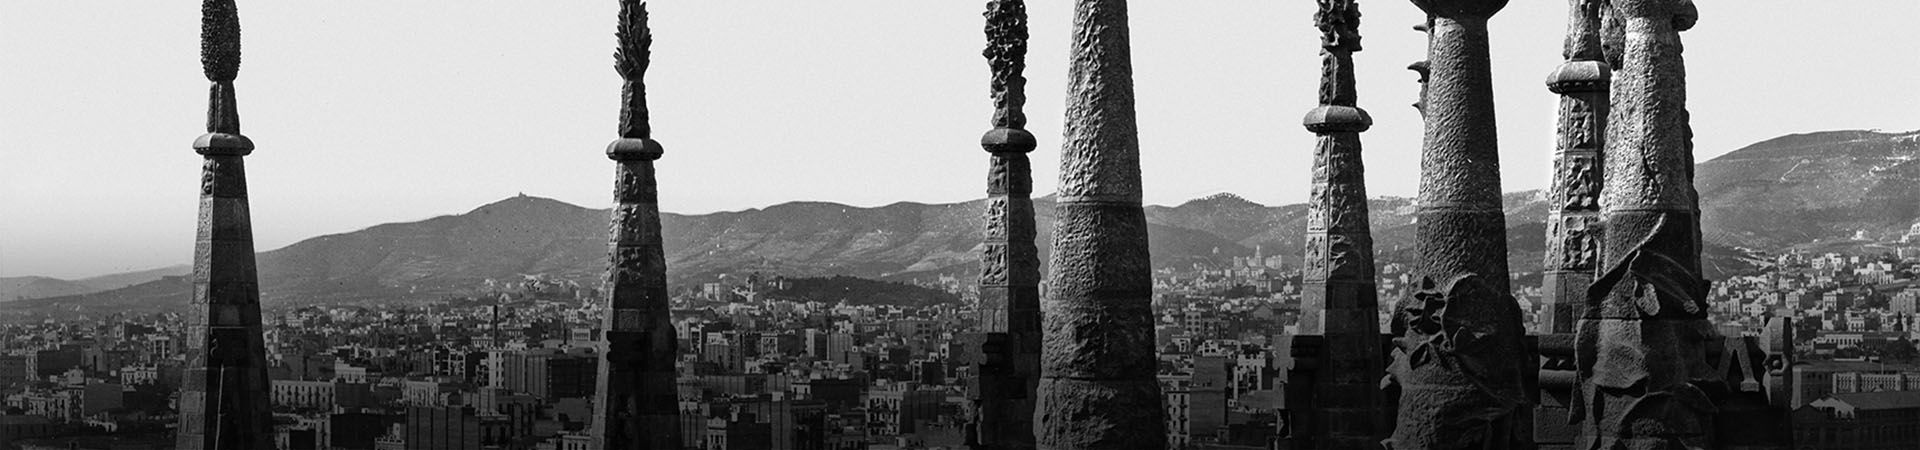 Vista parcial de Barcelona a través dels pinacles de la Sagrada Família.